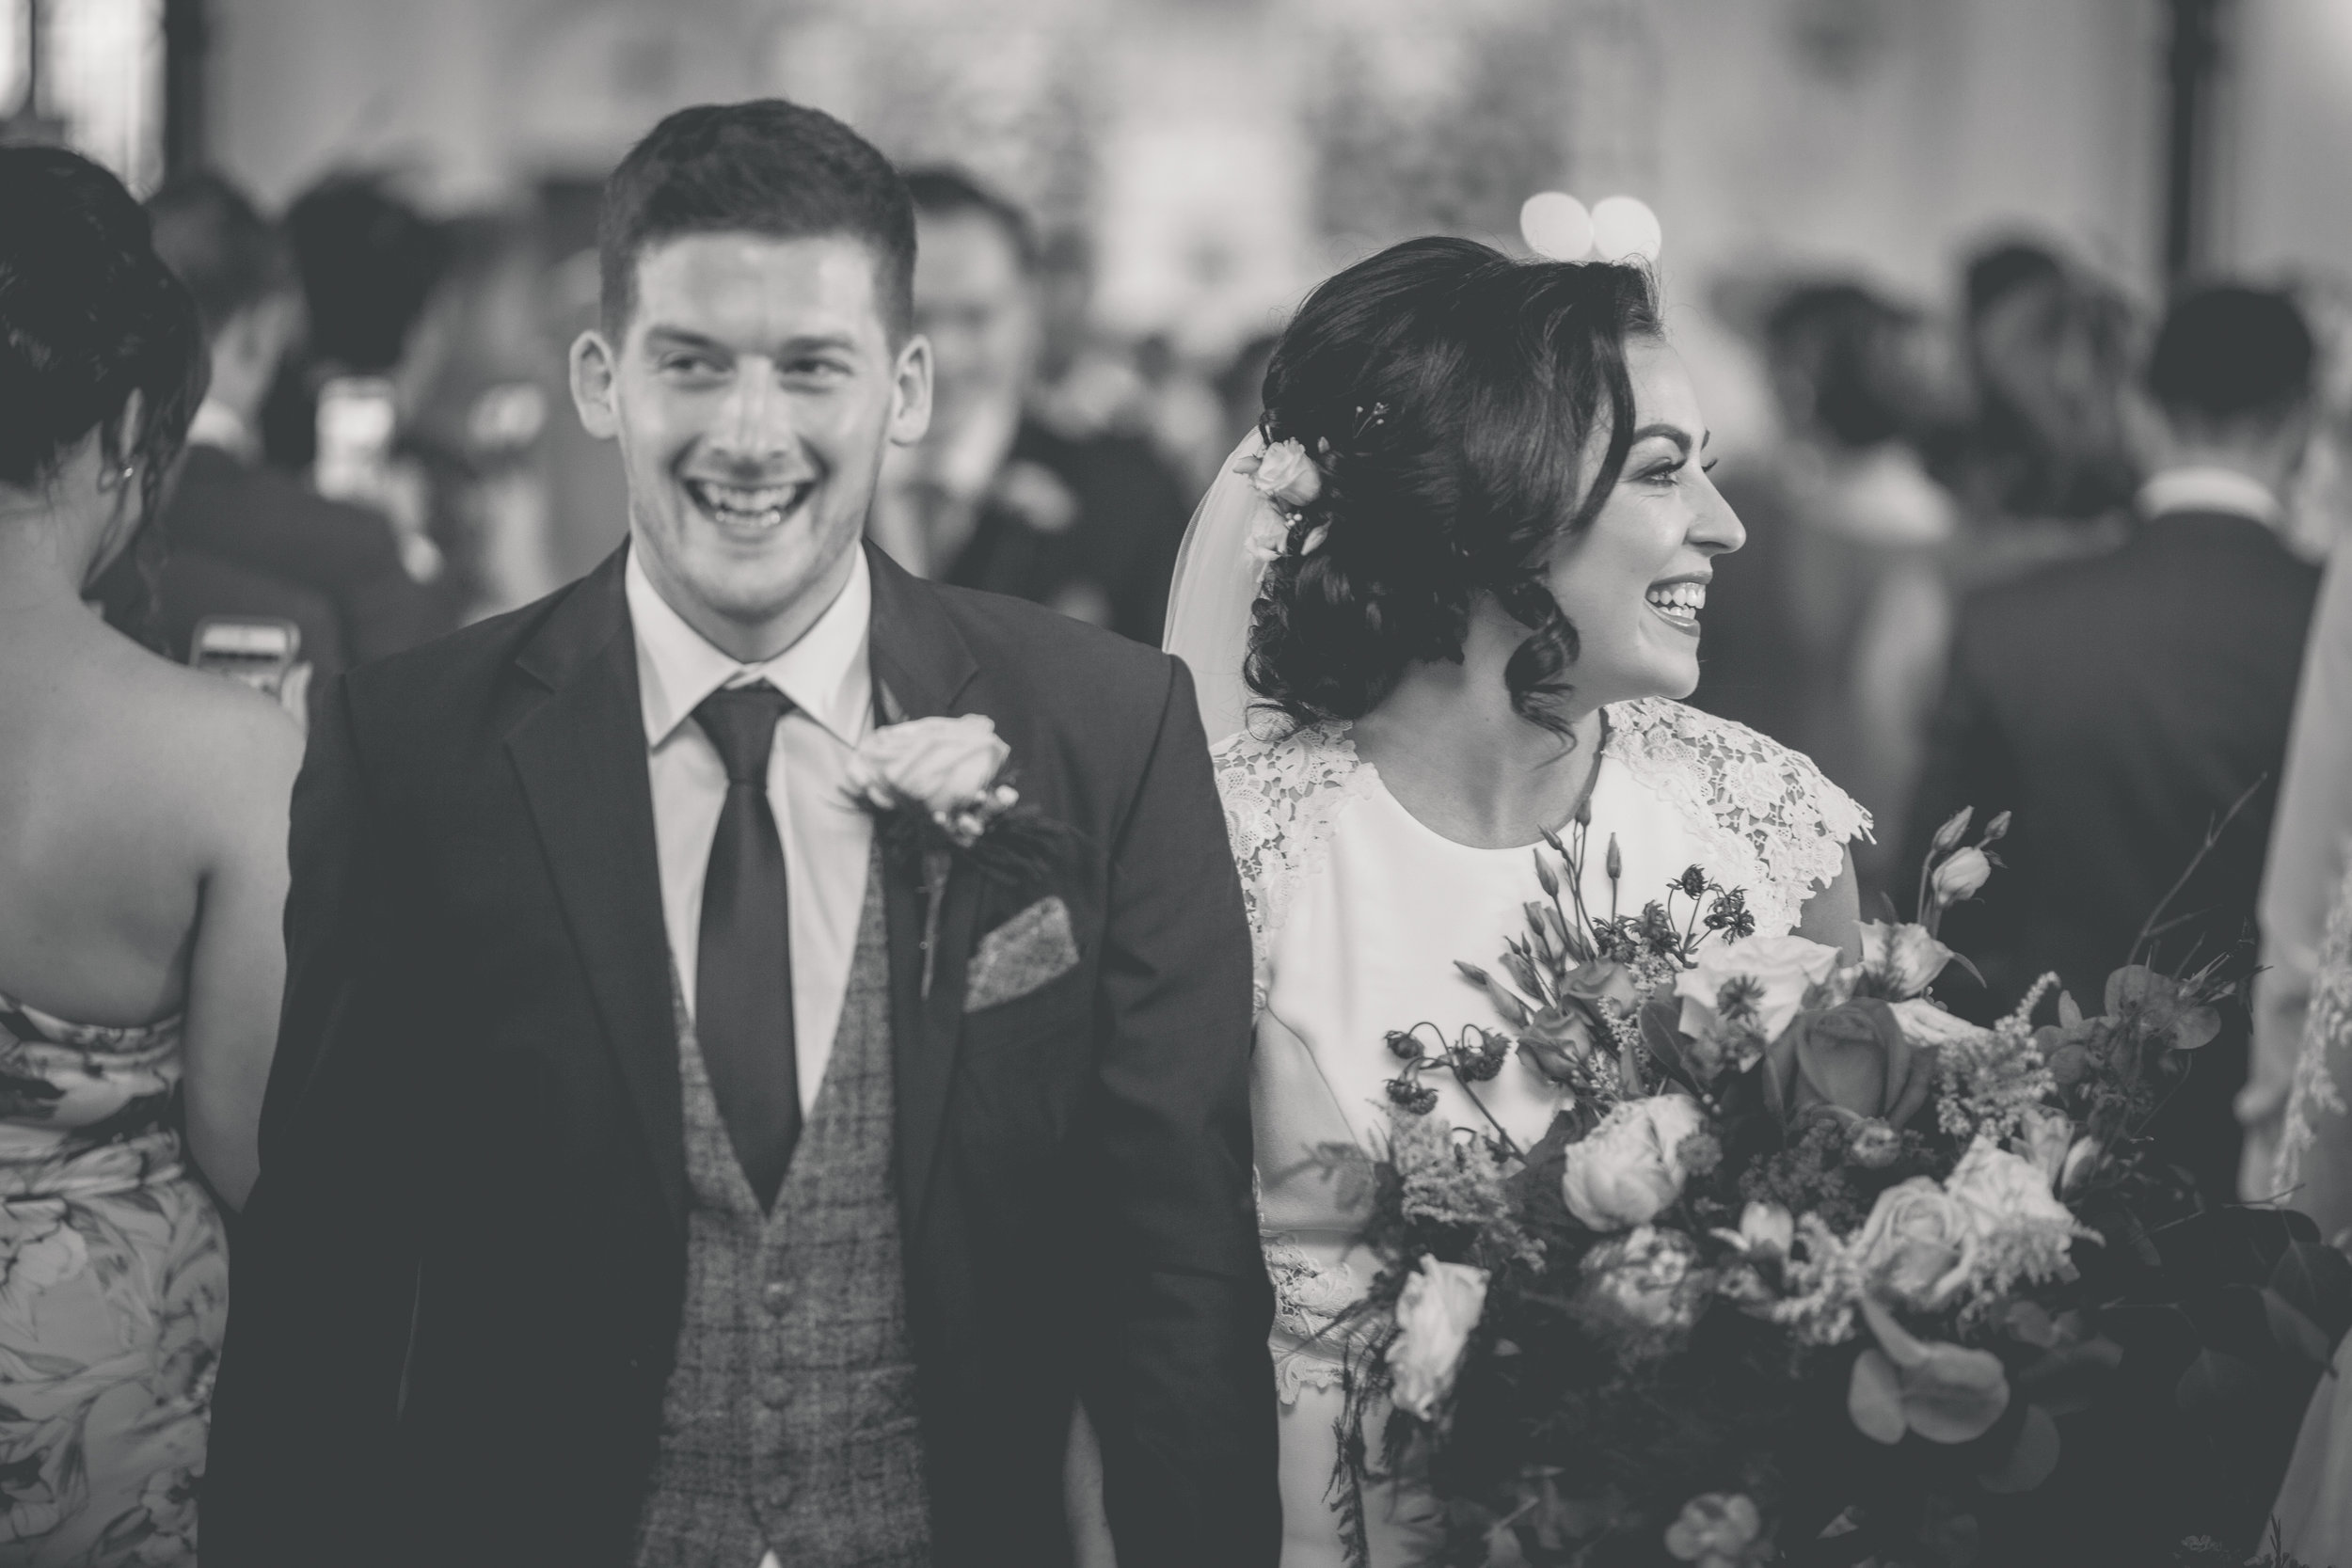 Brian McEwan Wedding Photography   Carol-Anne & Sean   The Ceremony-78.jpg